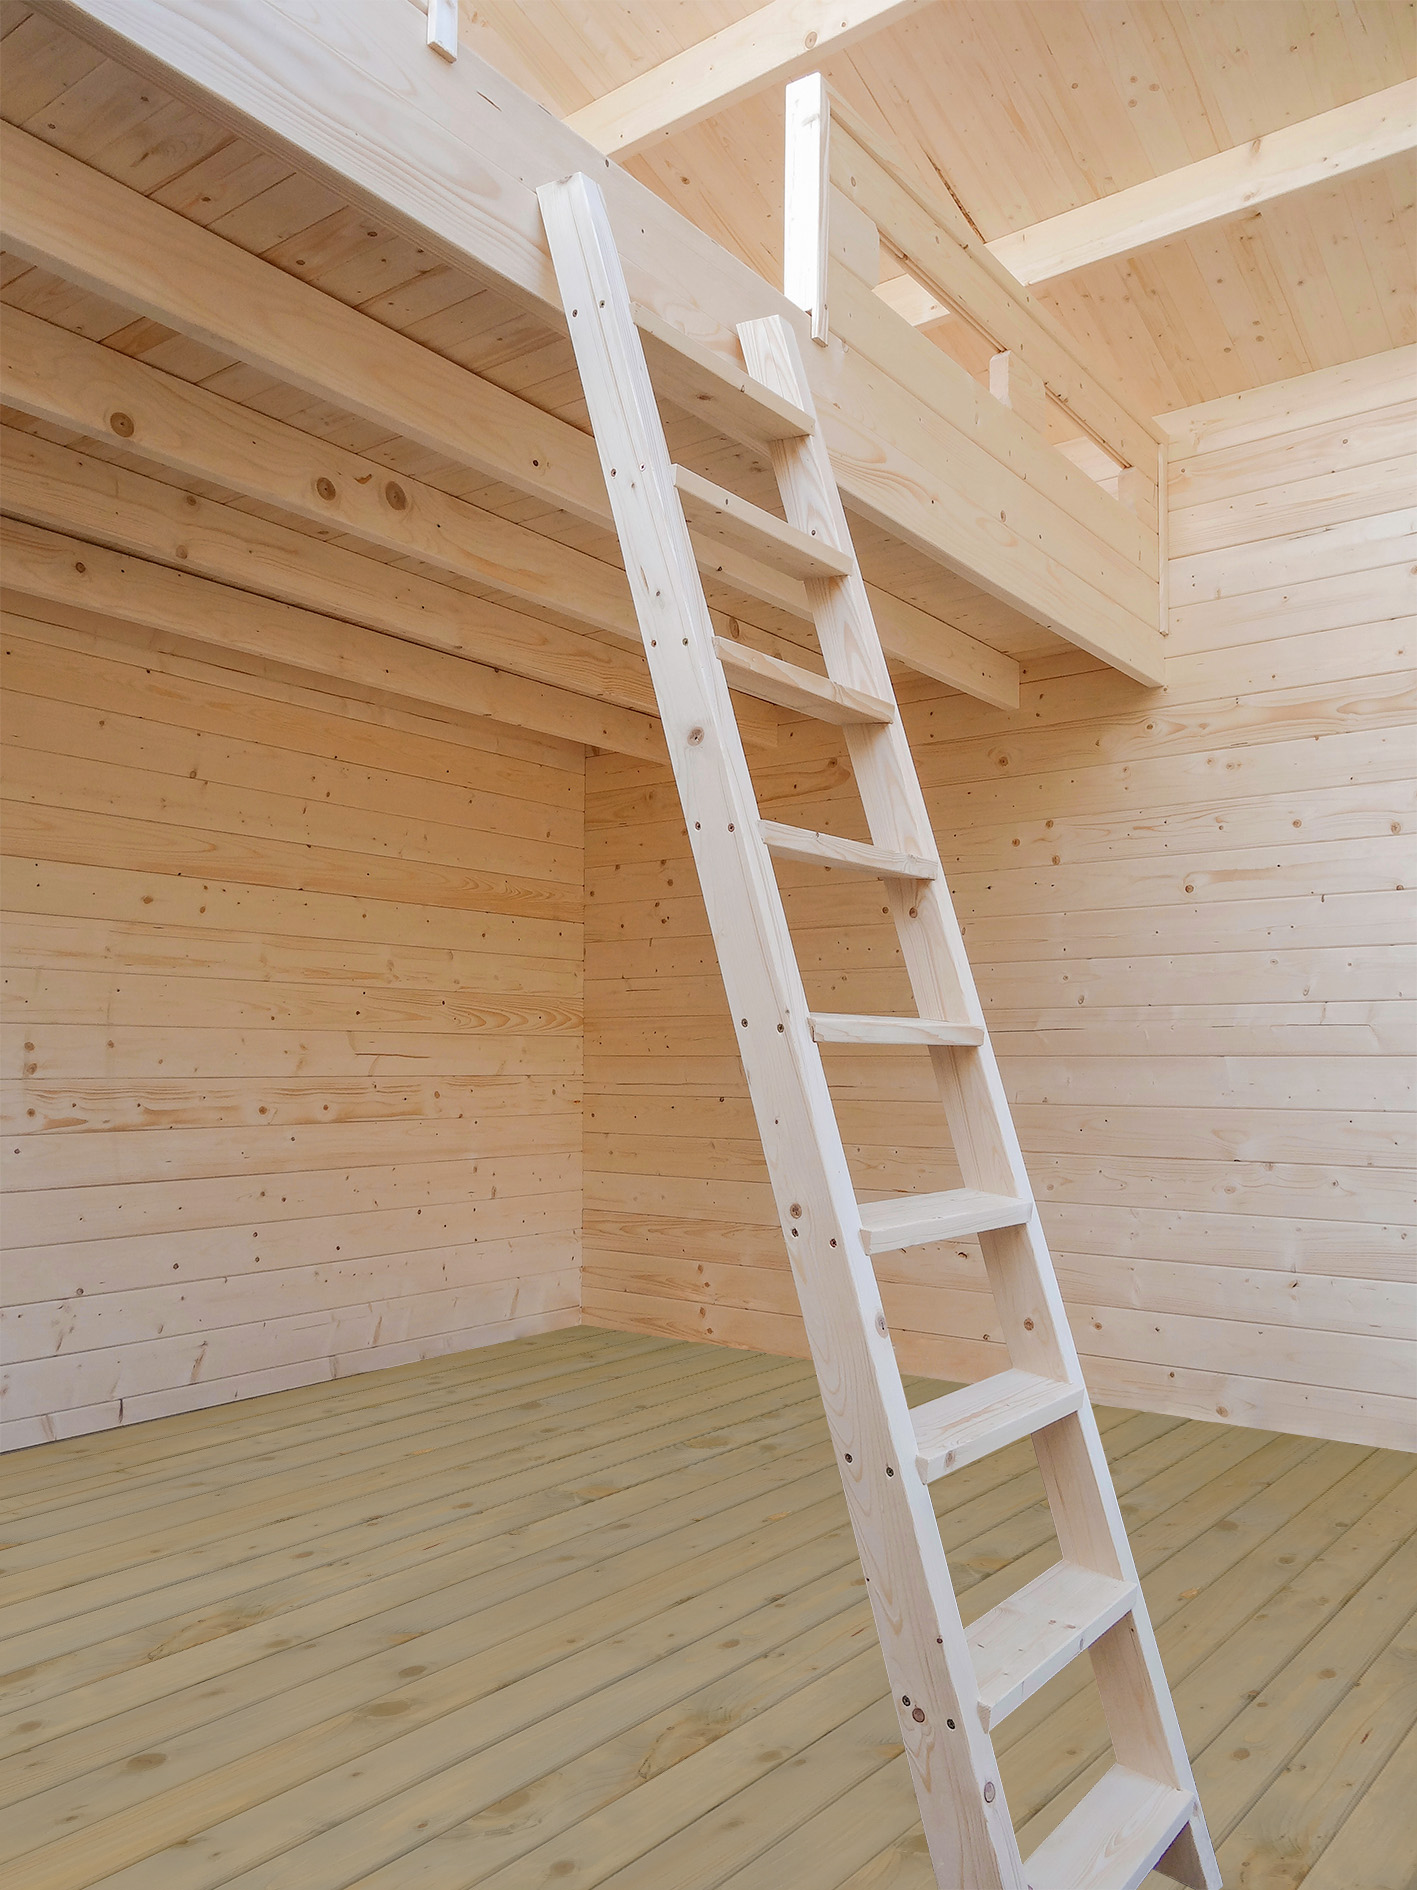 Kit chalet bois sans permis de construire 20 m2 avec mezzanine - Construire mezzanine bois ...